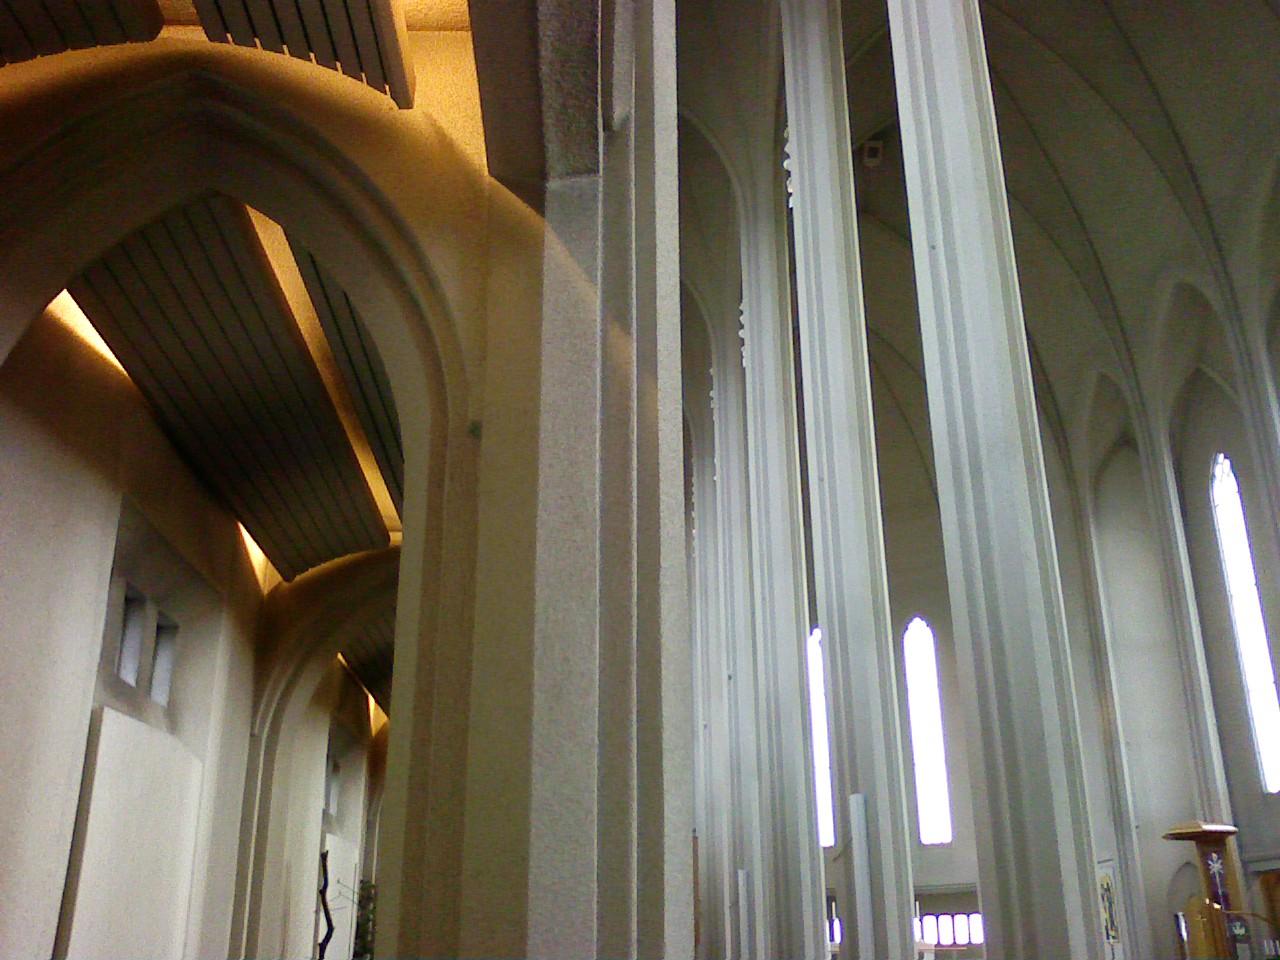 ufp-hallgrimskirkju-interior-1.jpg